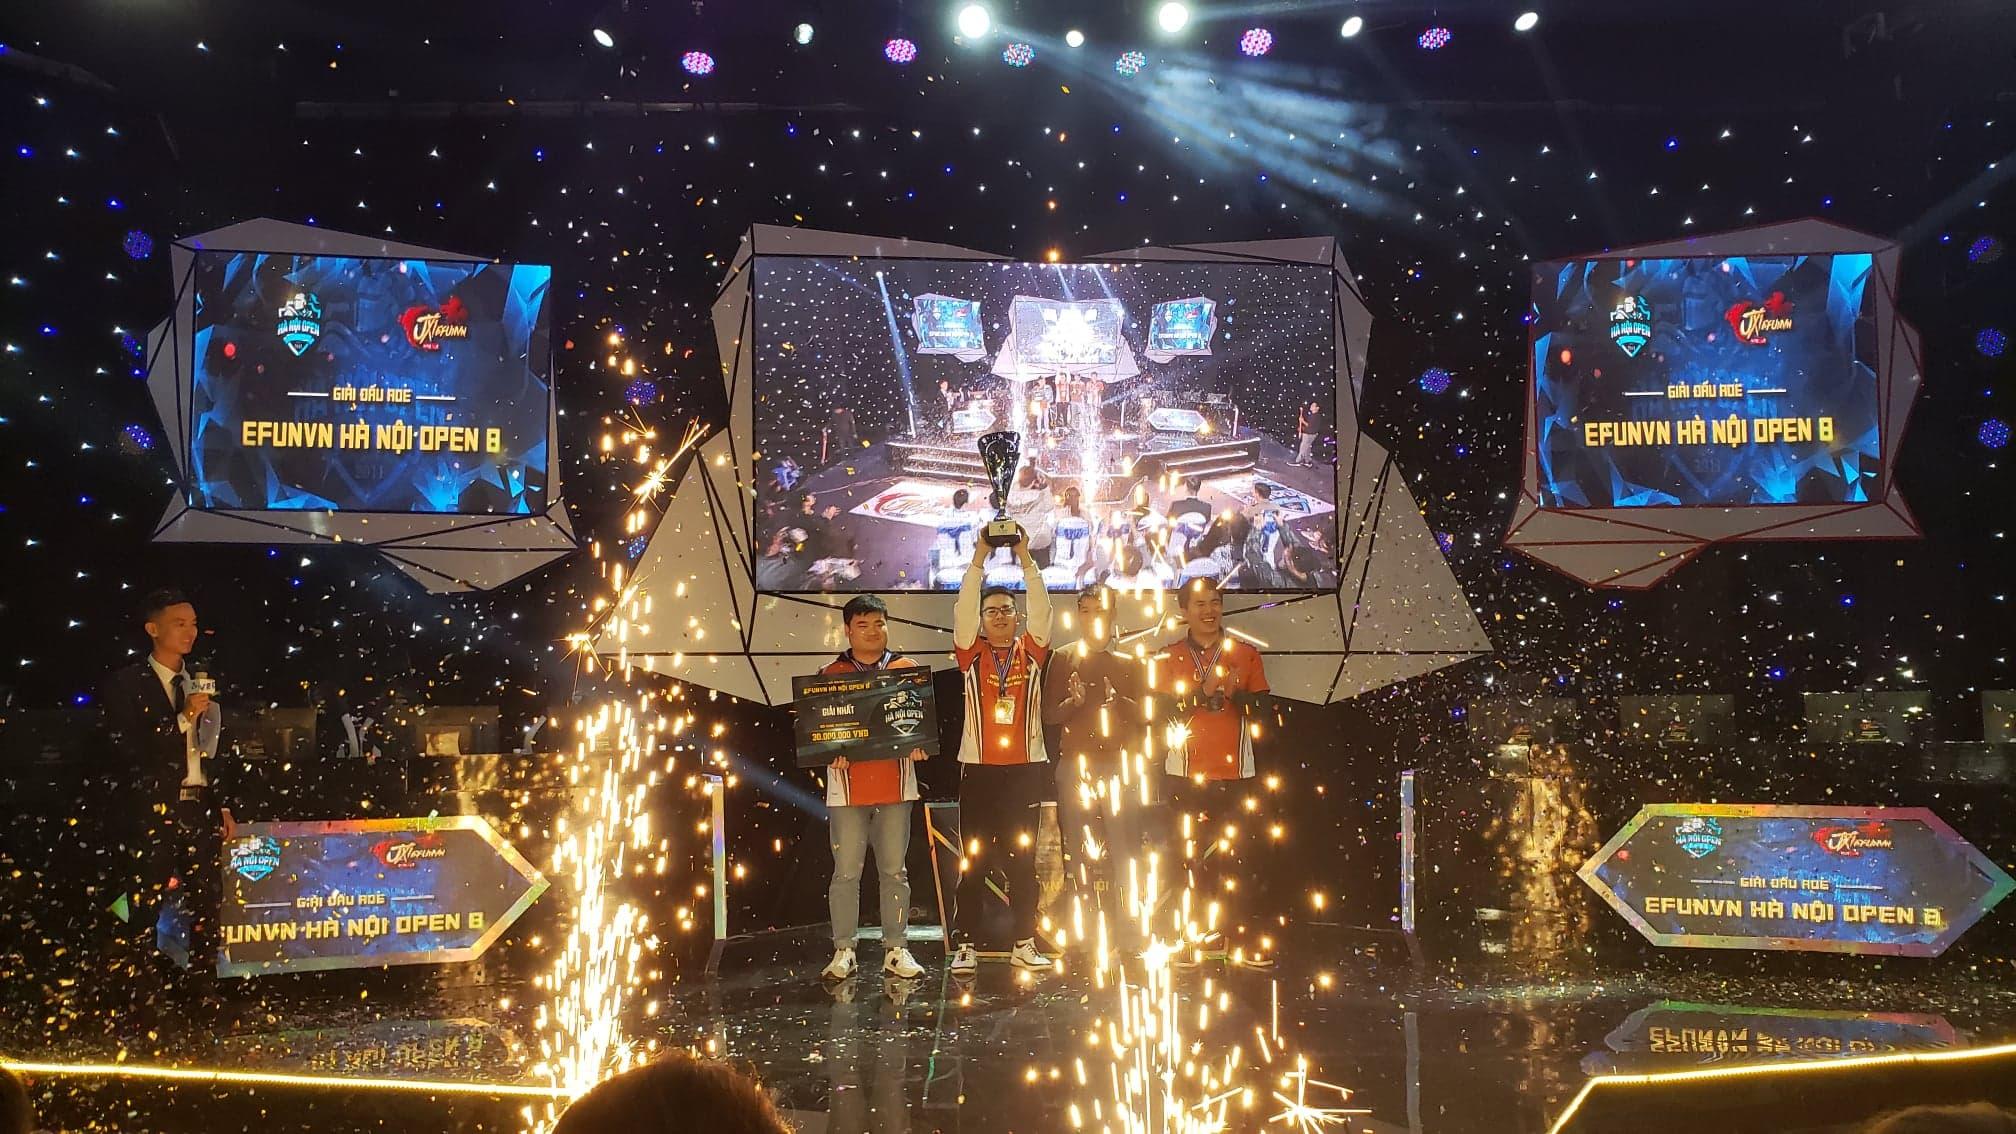 Chiếc cup vô địch 3vs3 Assyrian mang nhiều ý nghĩa đối với La Mã Phục Hưng nói chung và cá nhân game thủ Lôi Lão Hổ nói riêng